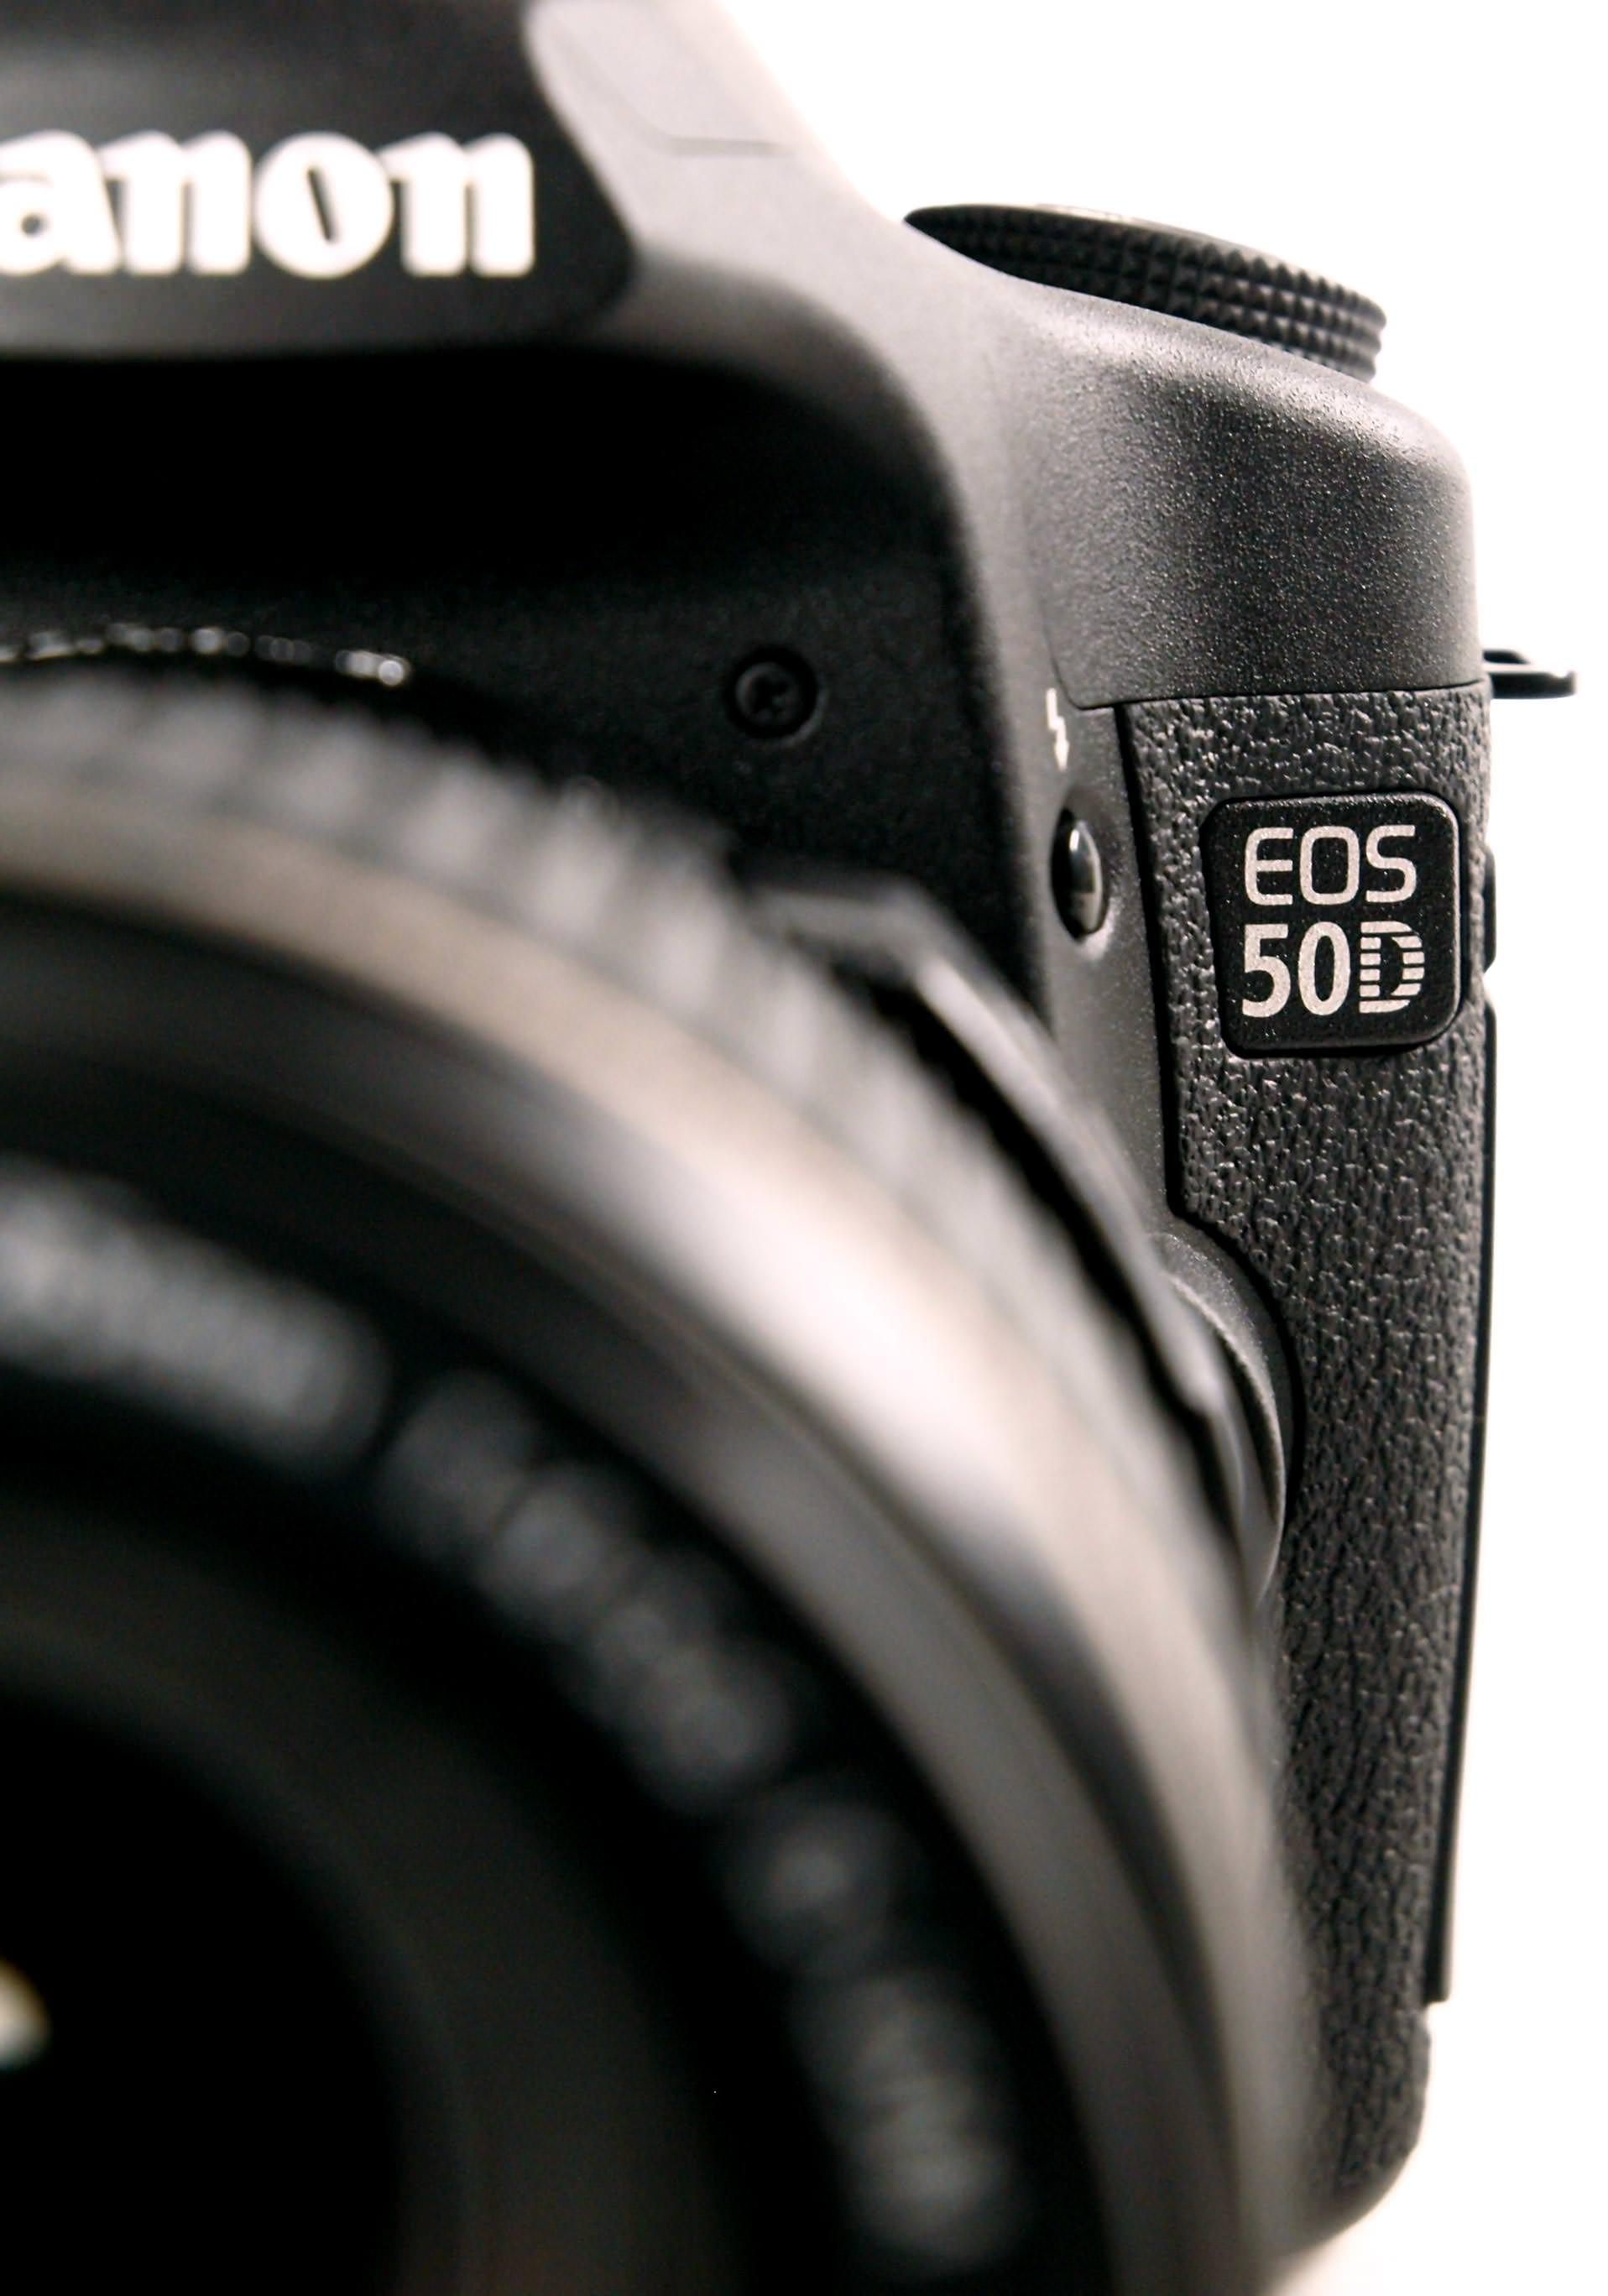 Canon EOS 50D Digital SLR Review | ePHOTOzine